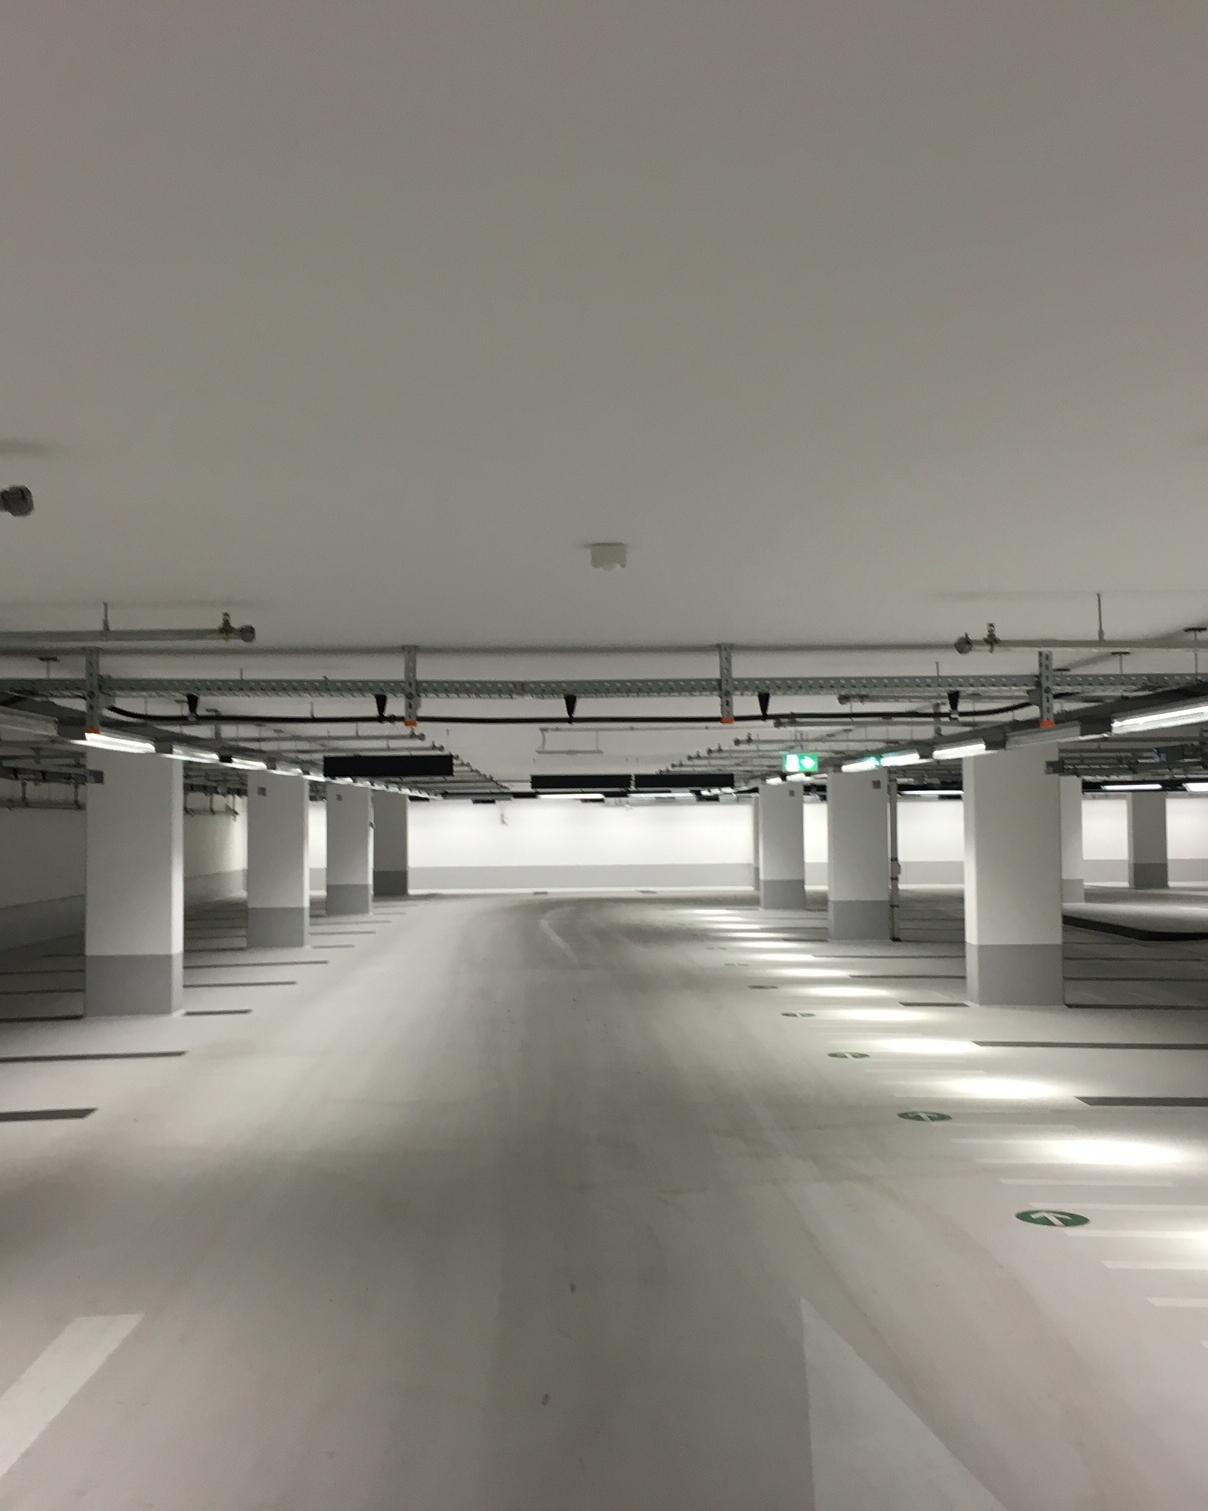 Fahrspur in der Garage